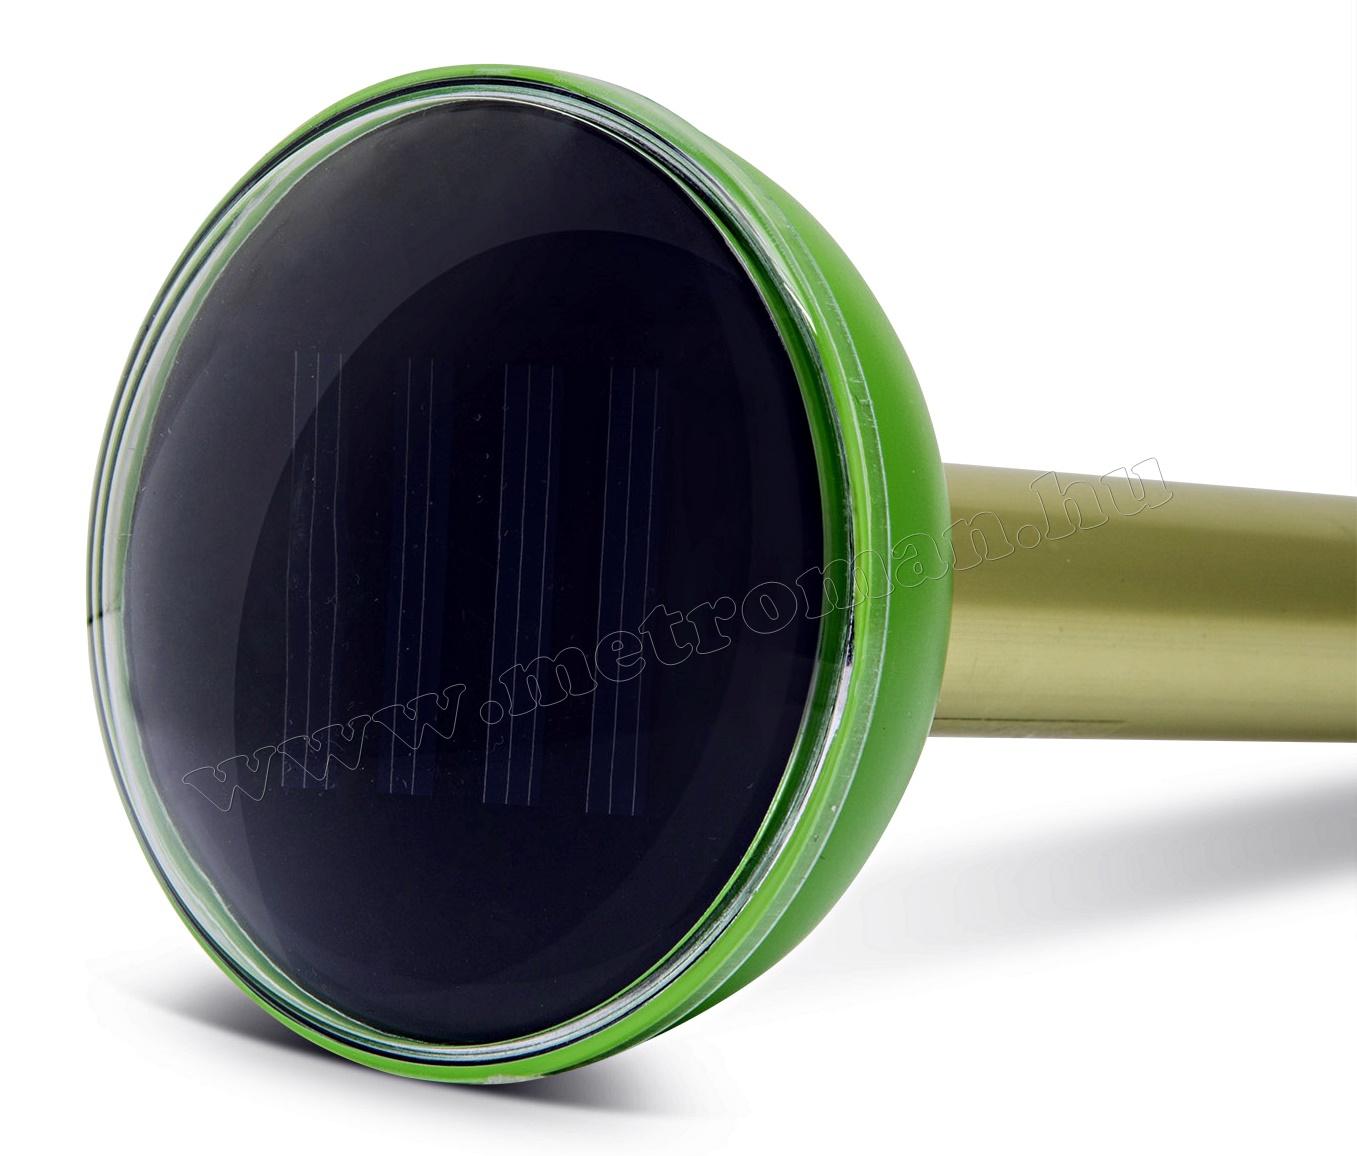 Napelemes vakondriasztó, Isotronic Solar US5